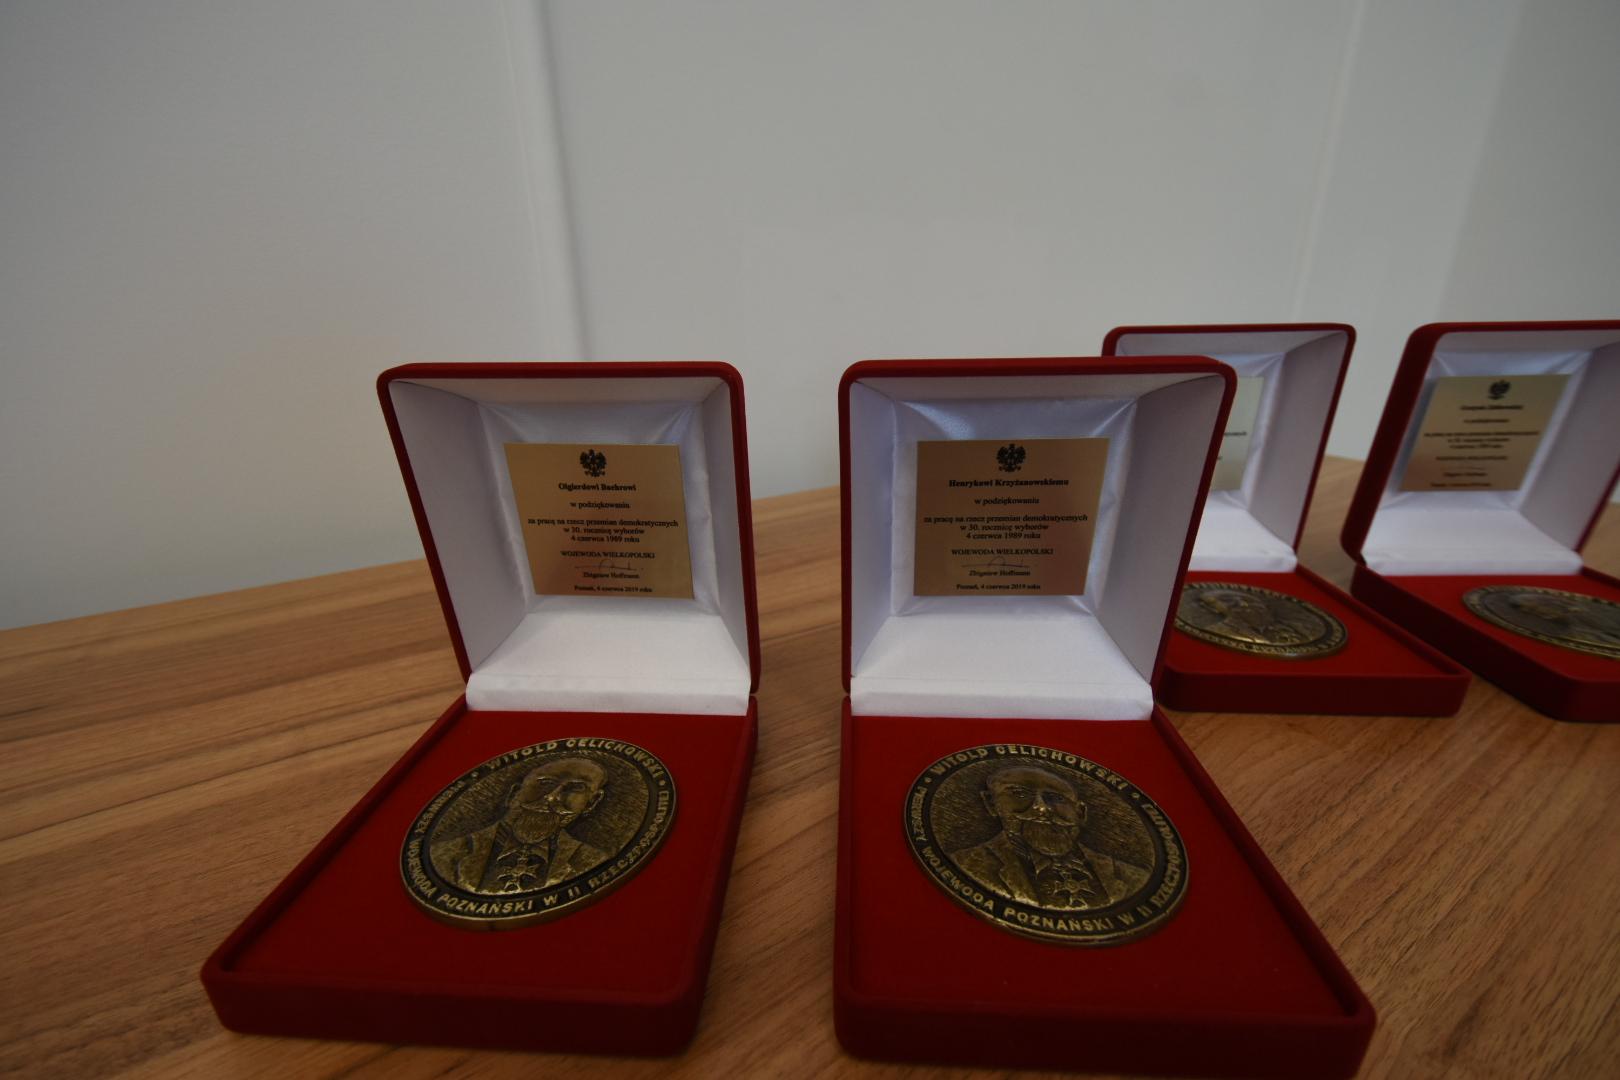 medale im. Witolda Celichowskiego - Wojtek Wardejn